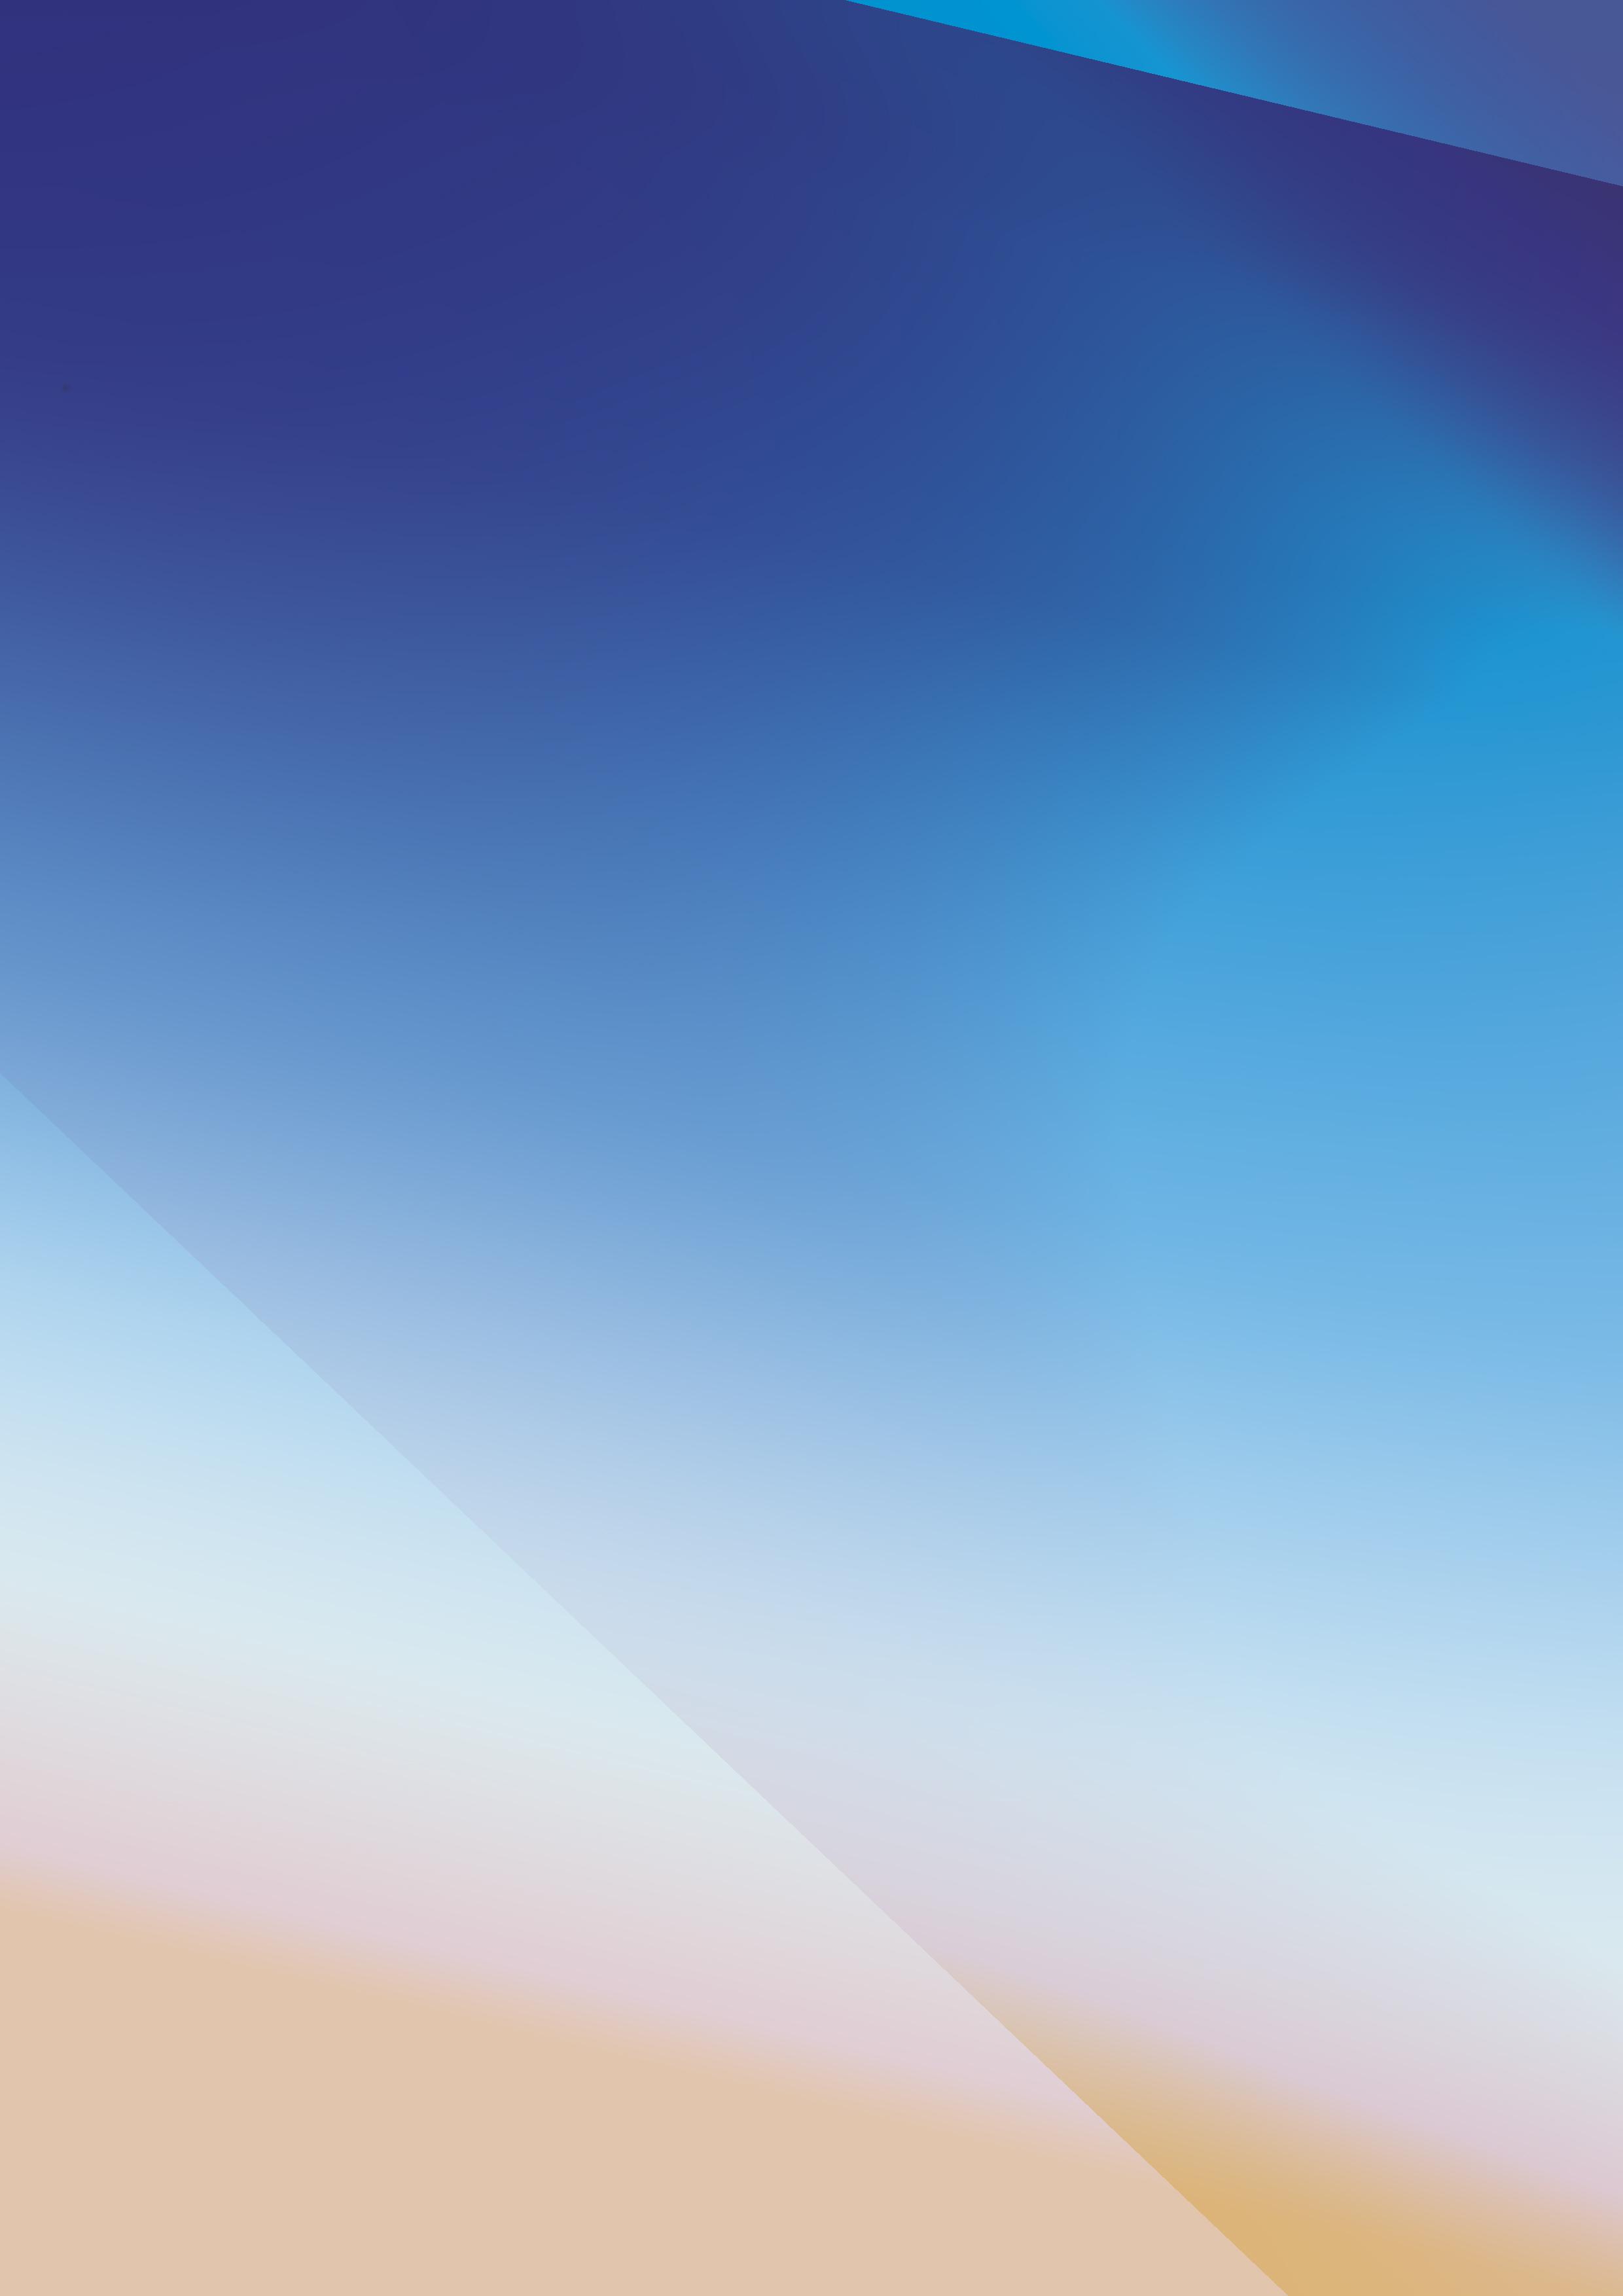 Dreamscape :le paysage du rêve - exposition d'art numérique